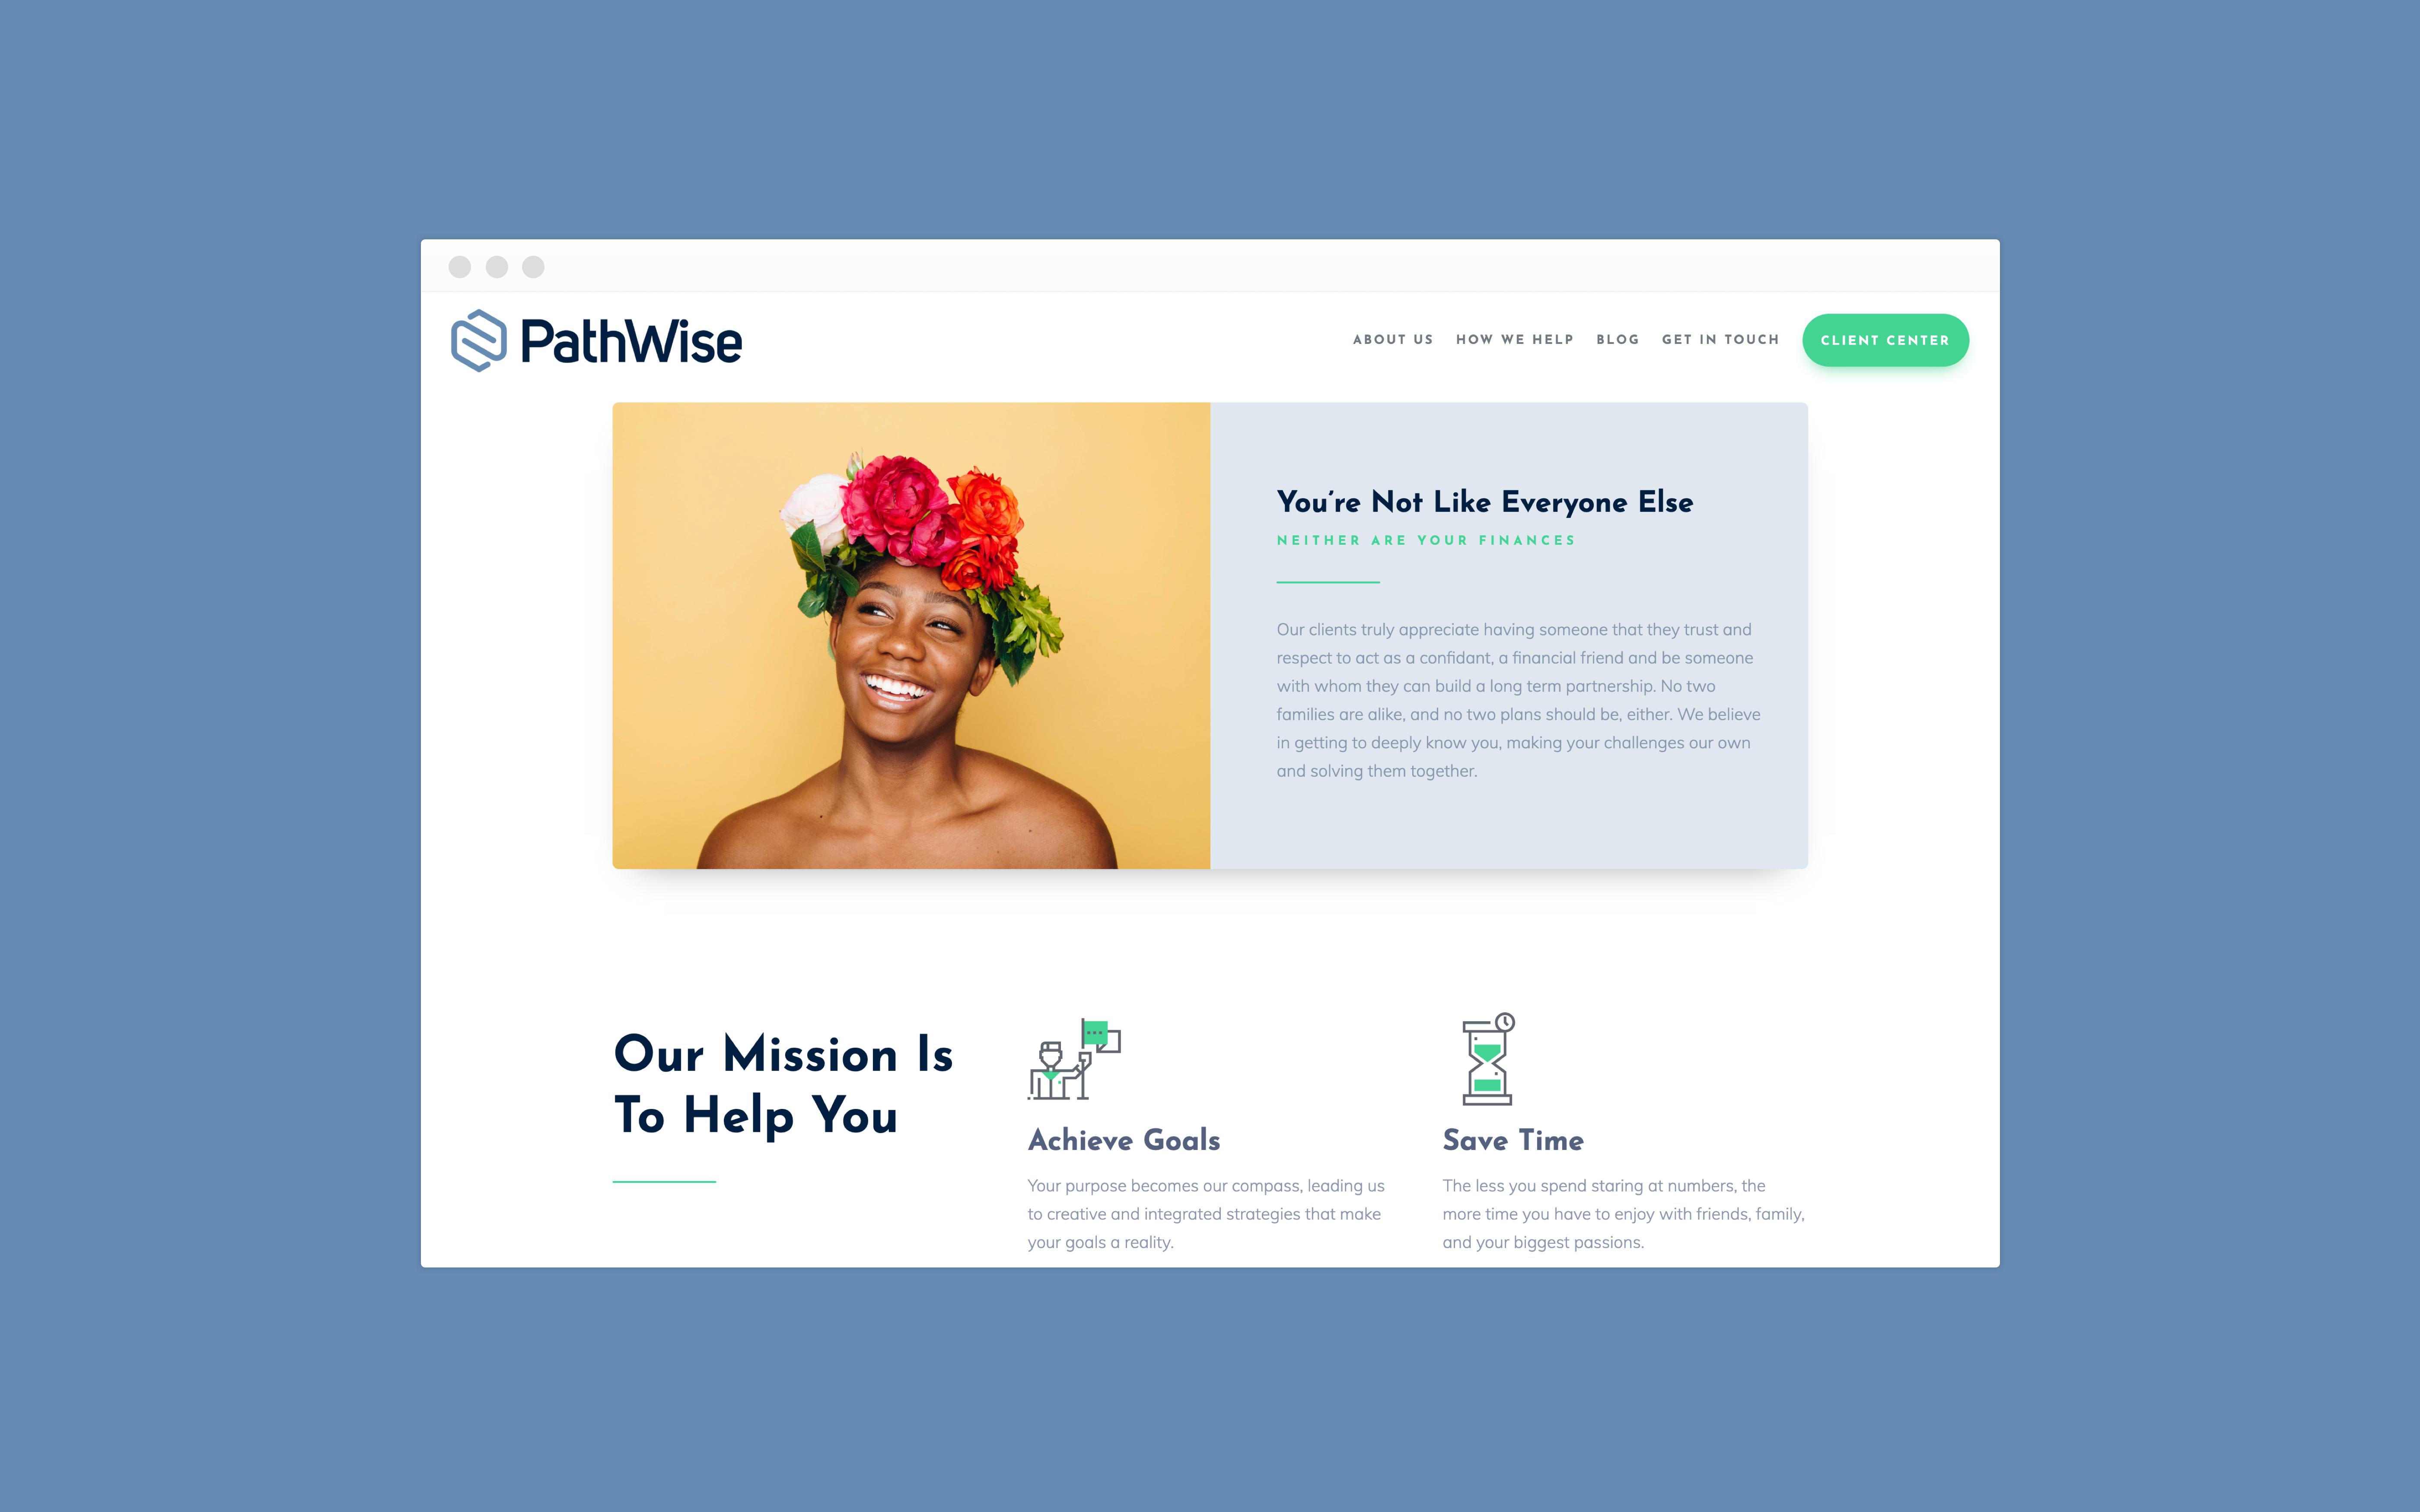 Pathwise